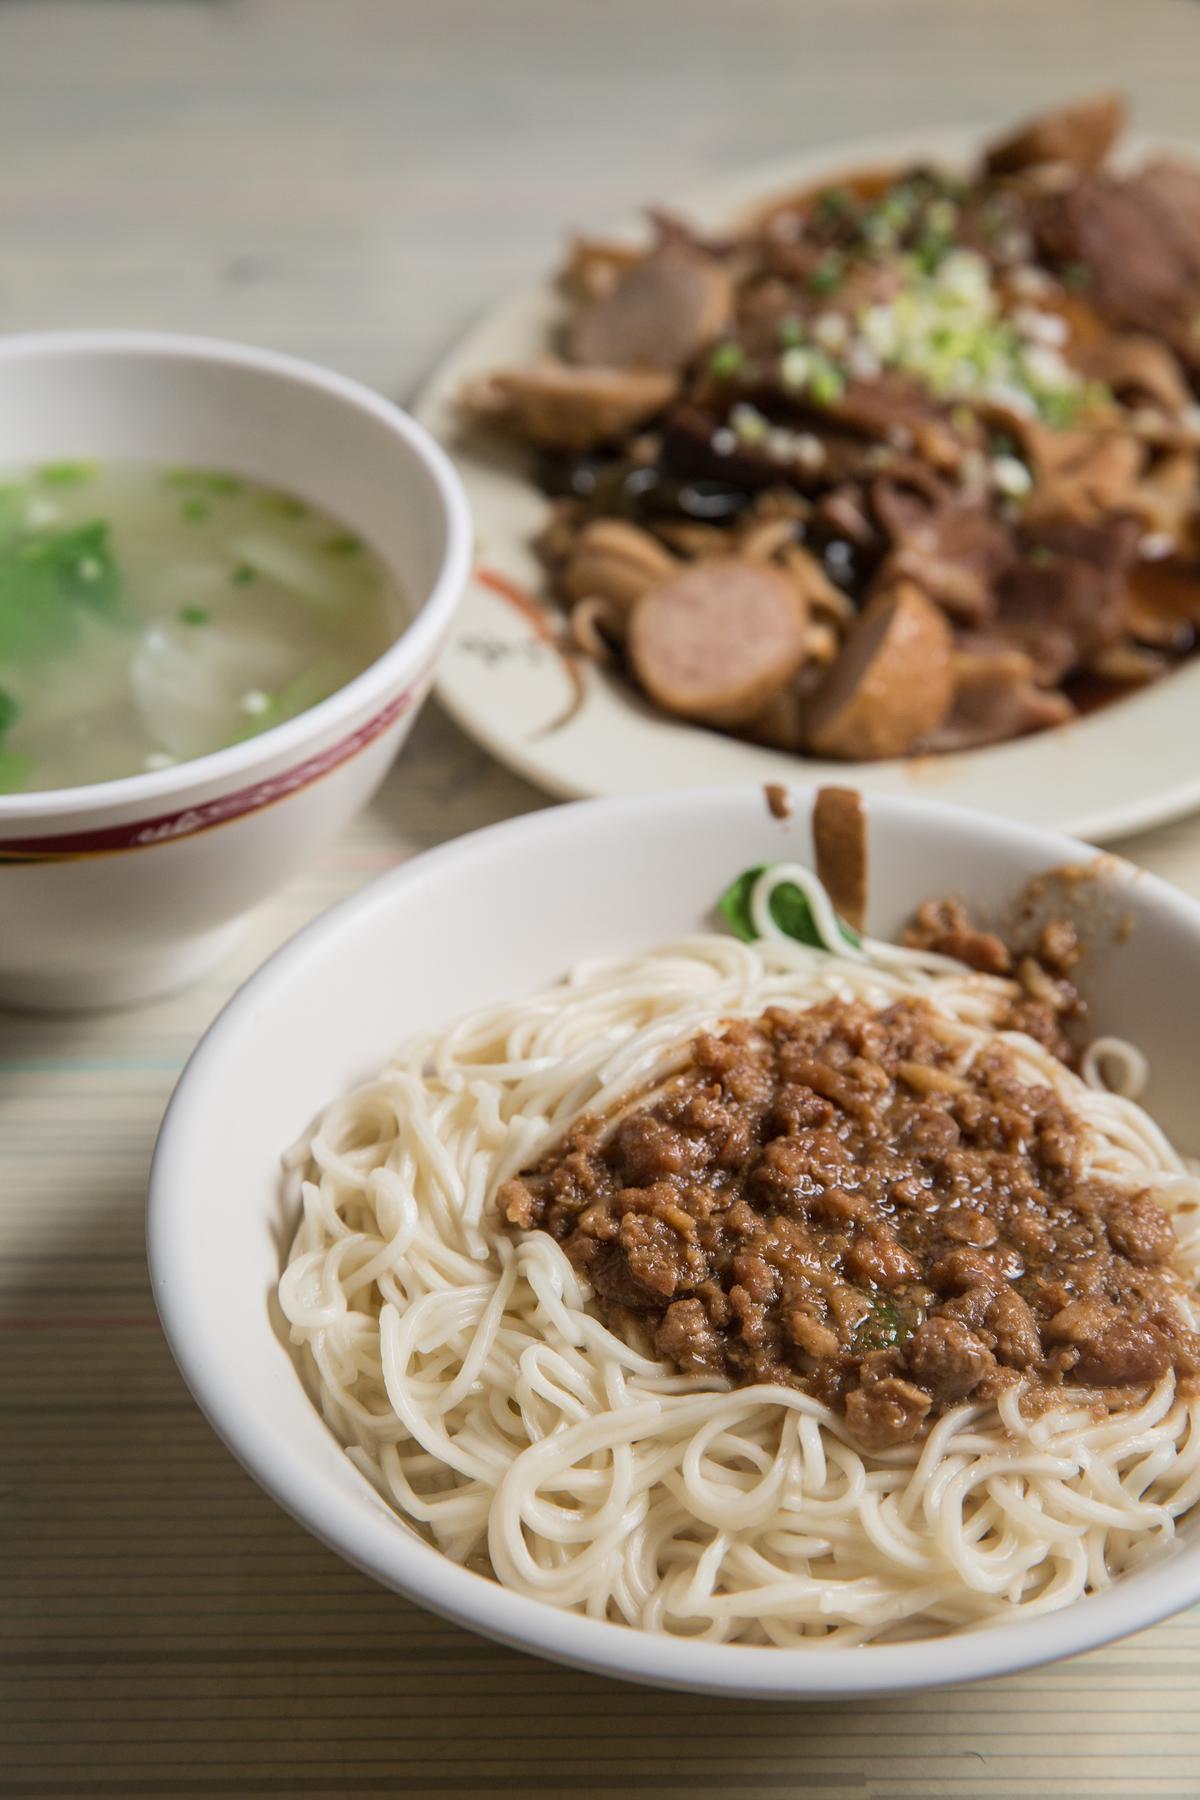 林勁勳來阿蘭麵店必點的麻醬麵,麵條Q感彈牙,每次總吃上兩碗才滿足離開。